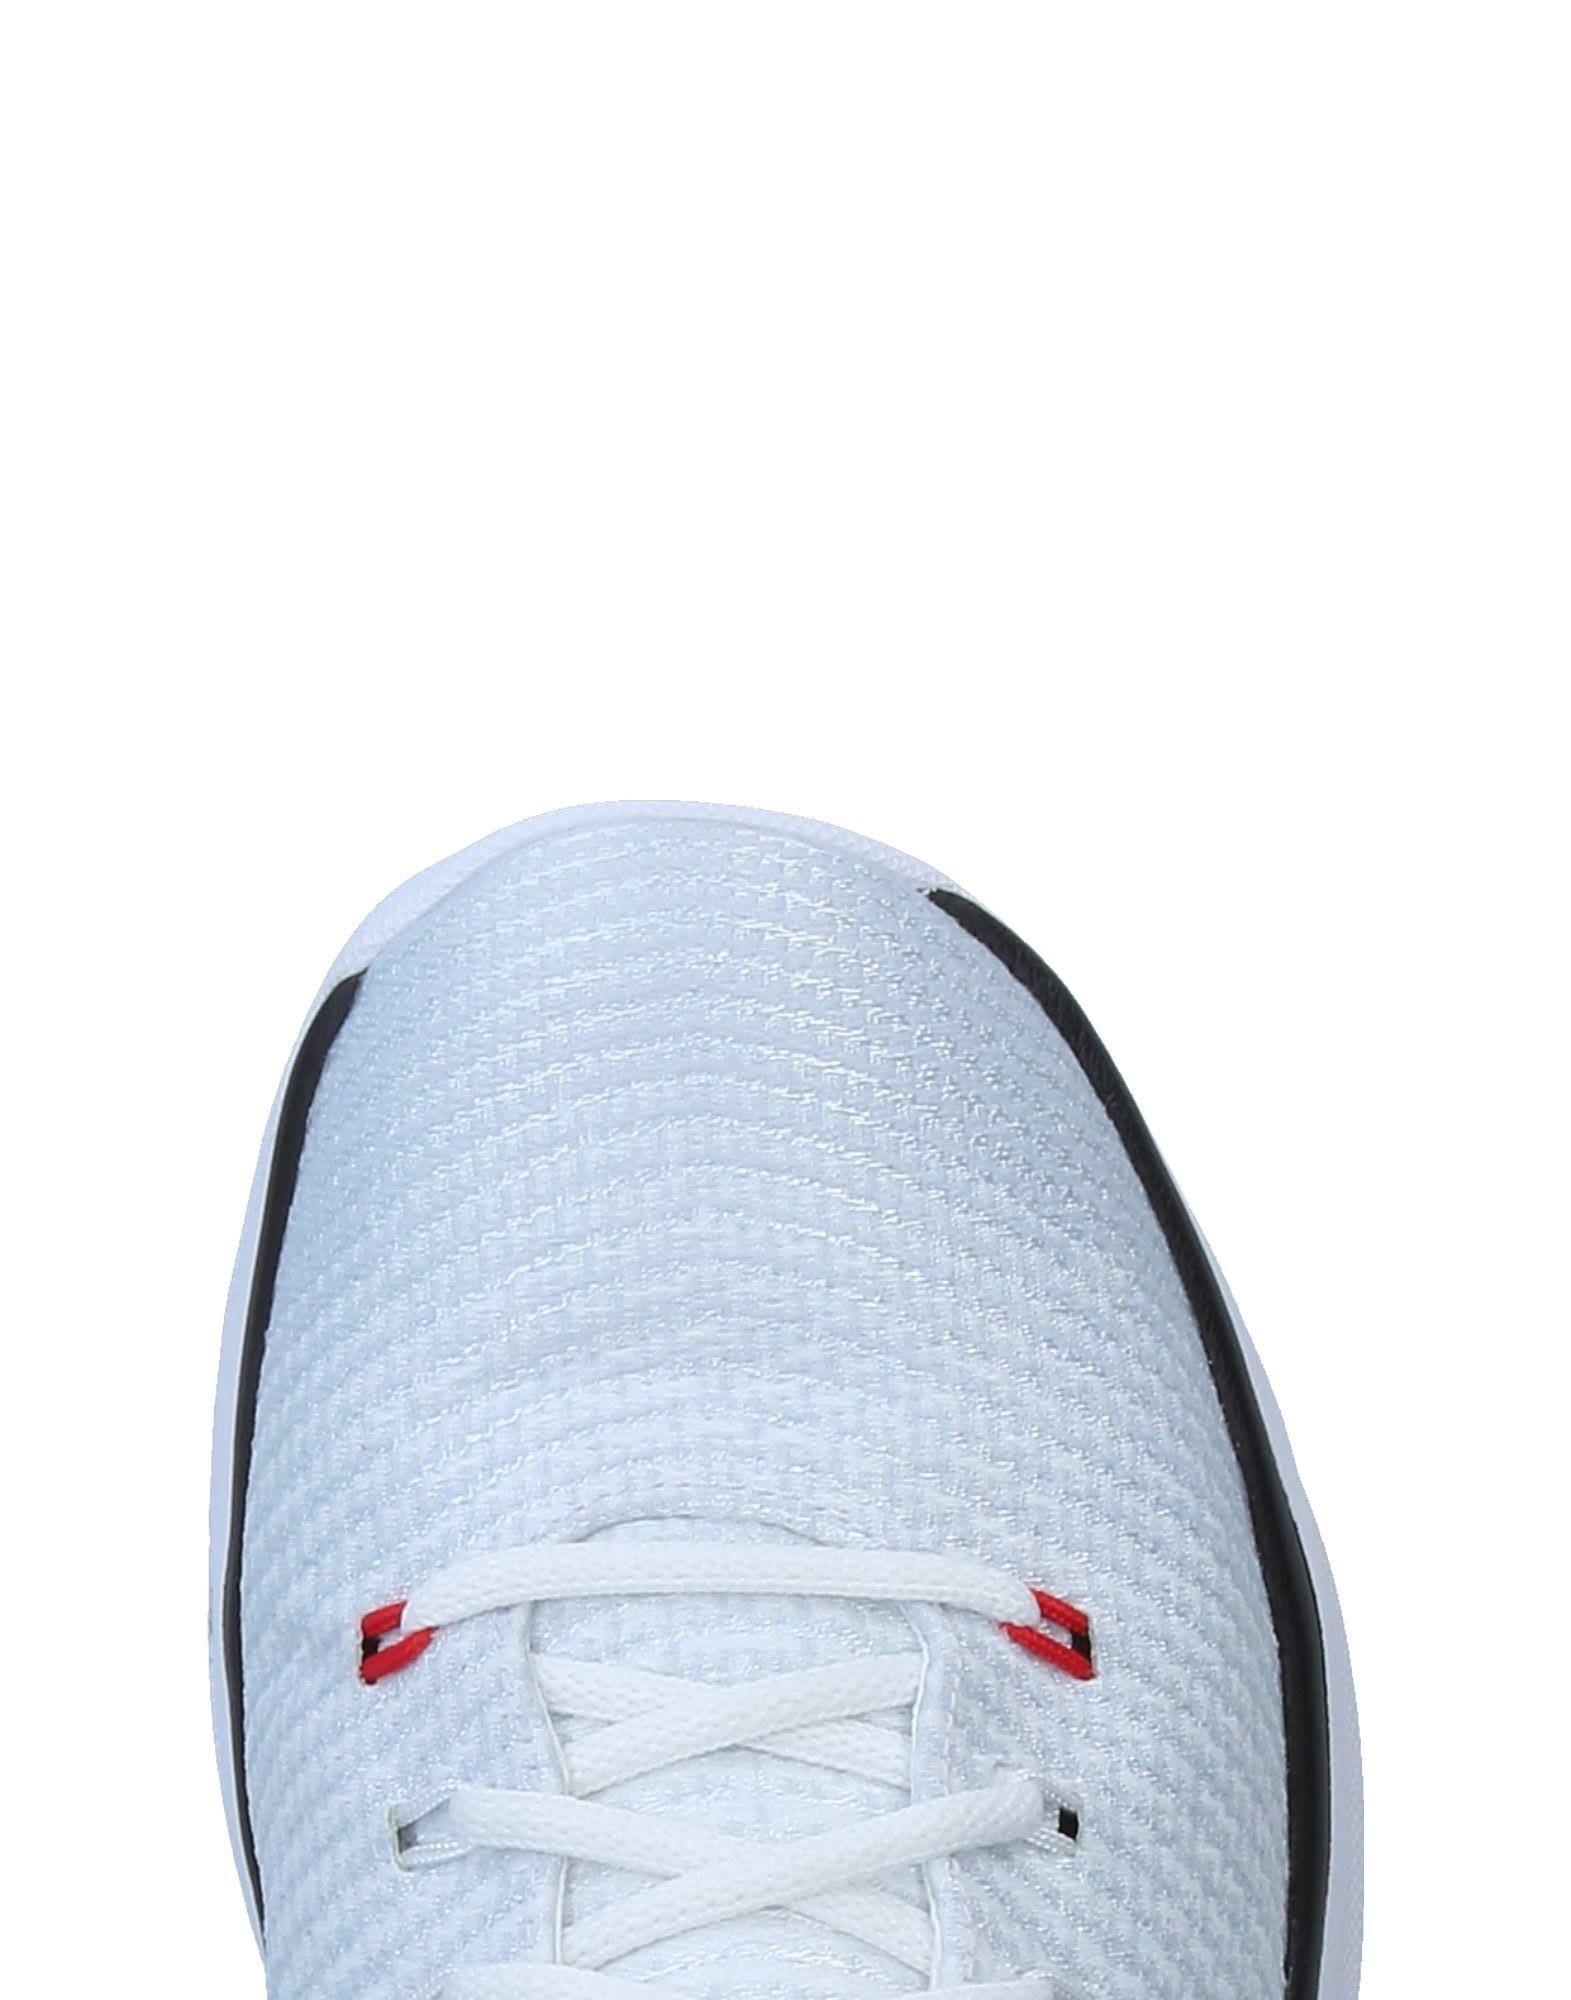 Rabatt echte Sneakers Schuhe Nike Sneakers echte Herren  11357728SQ 8ede68